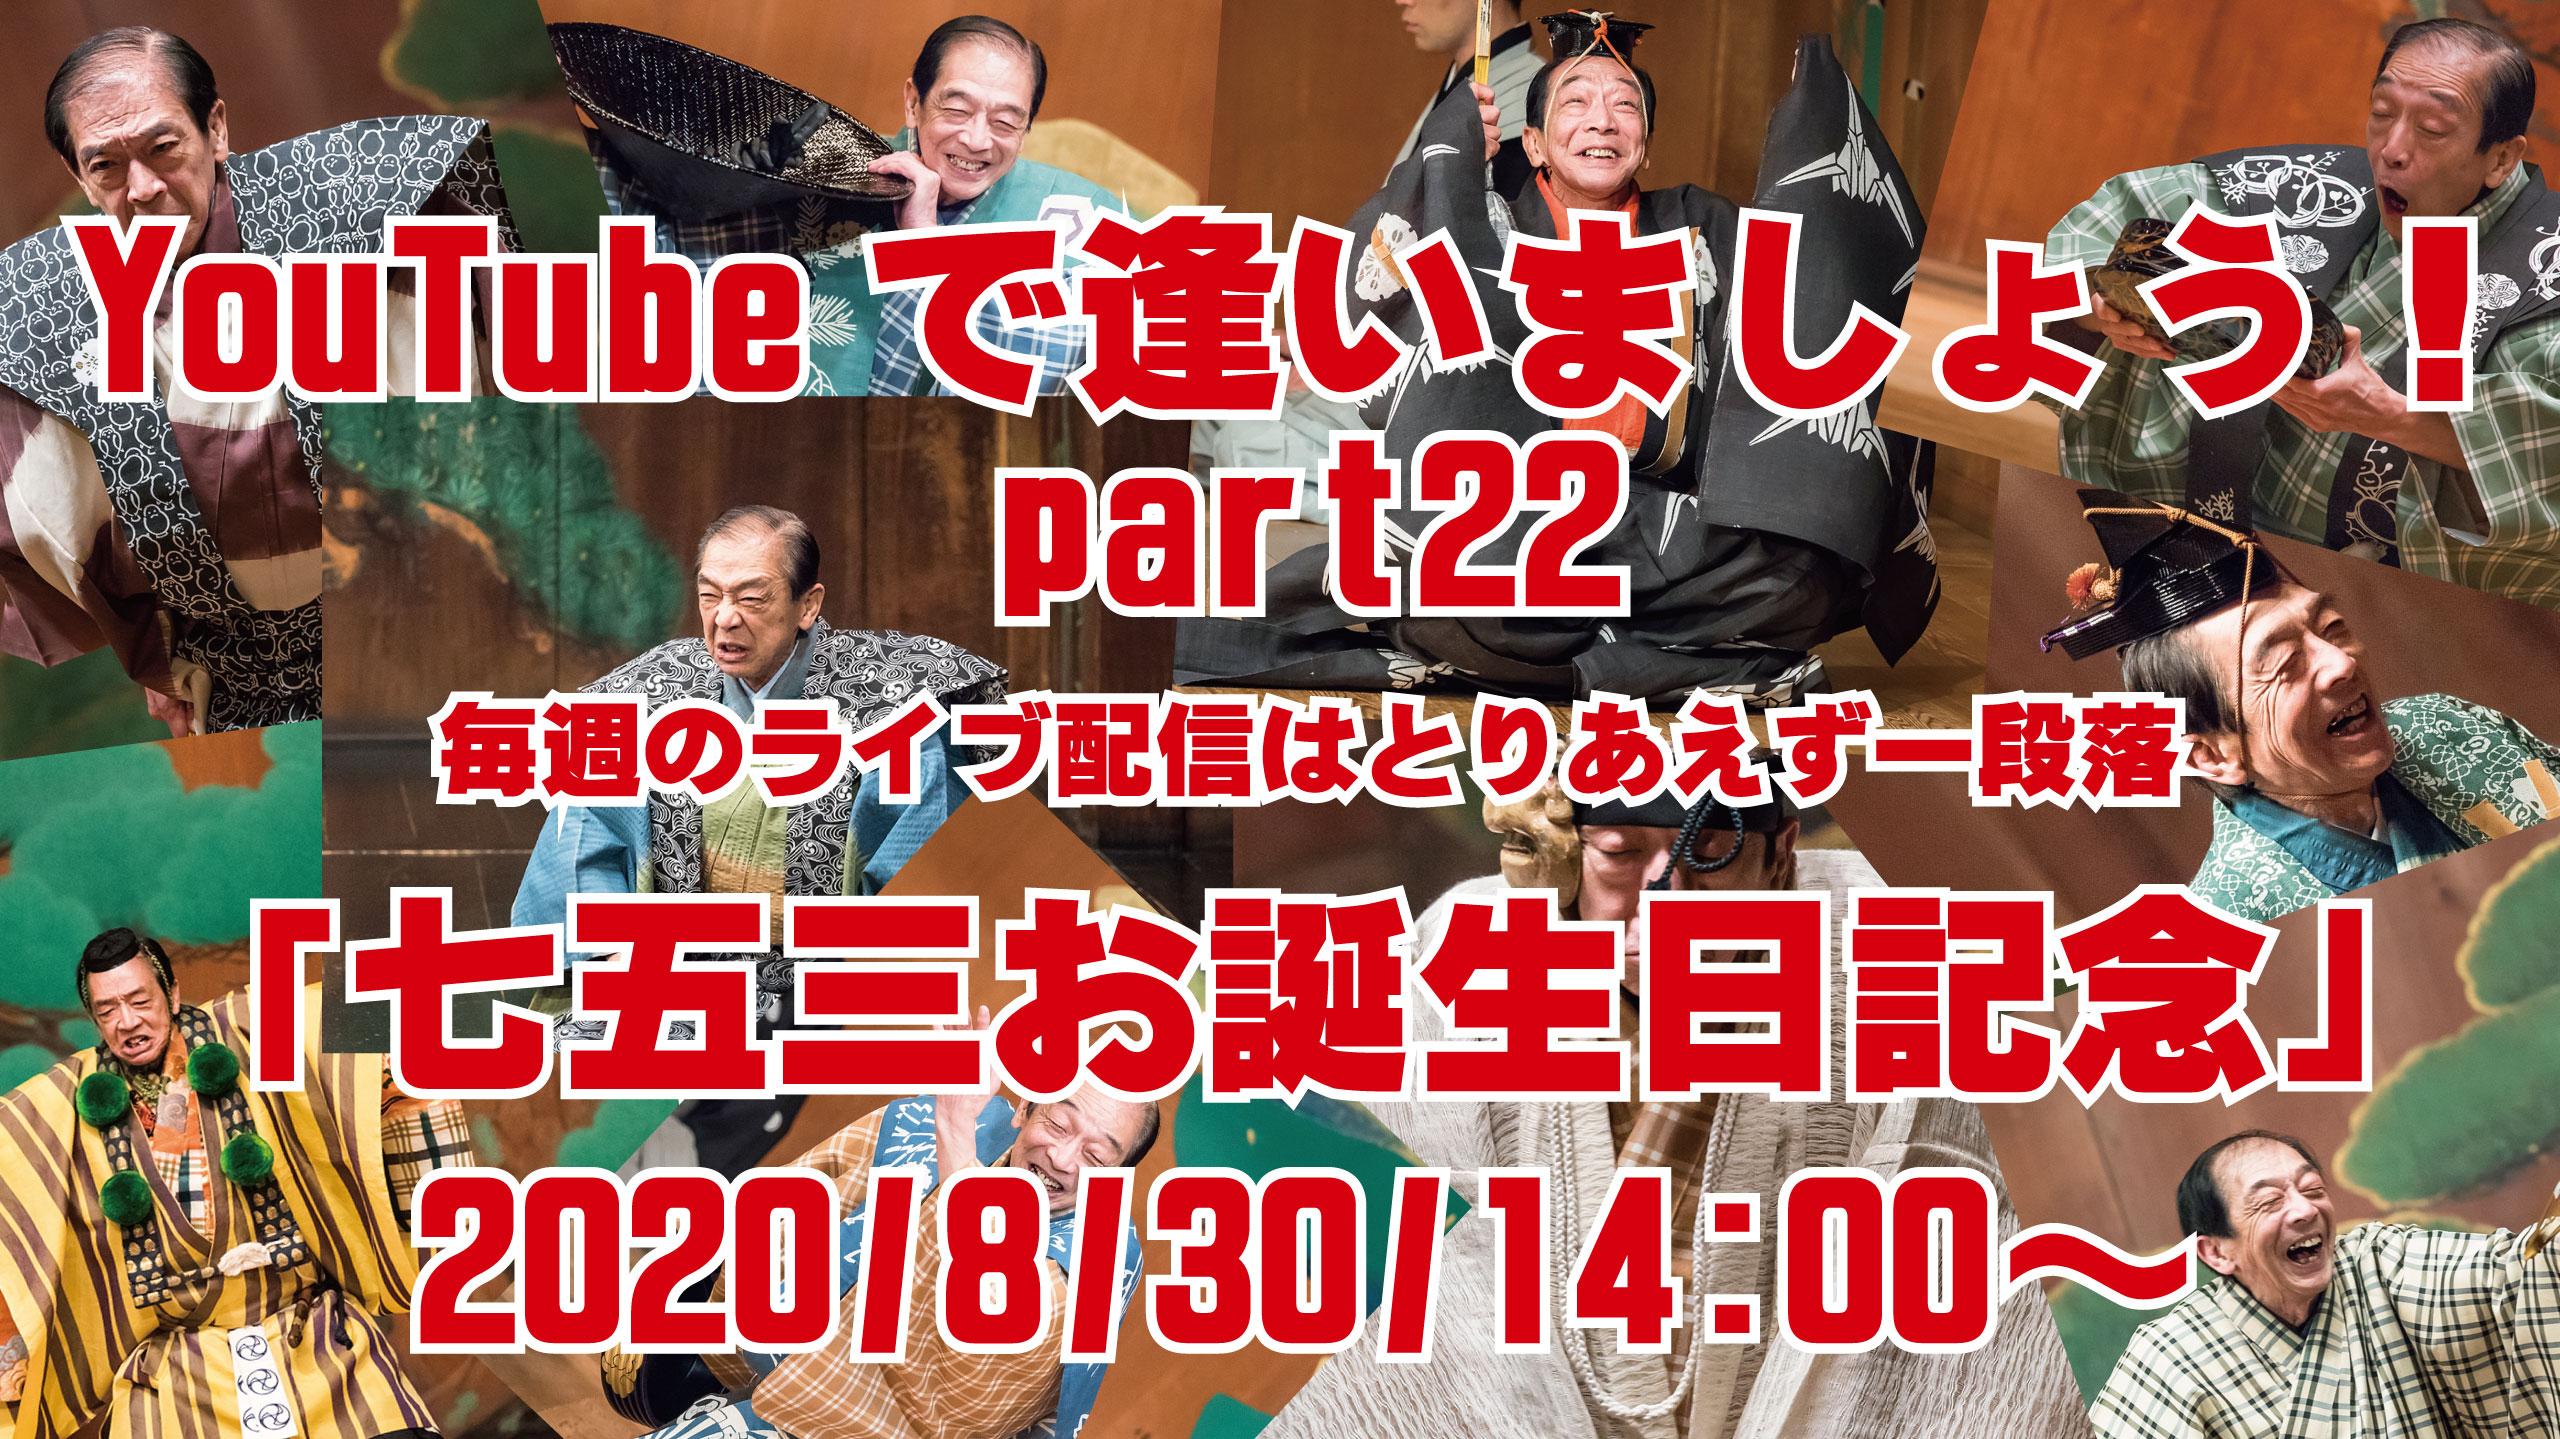 YouTubeで逢いましょう!part22